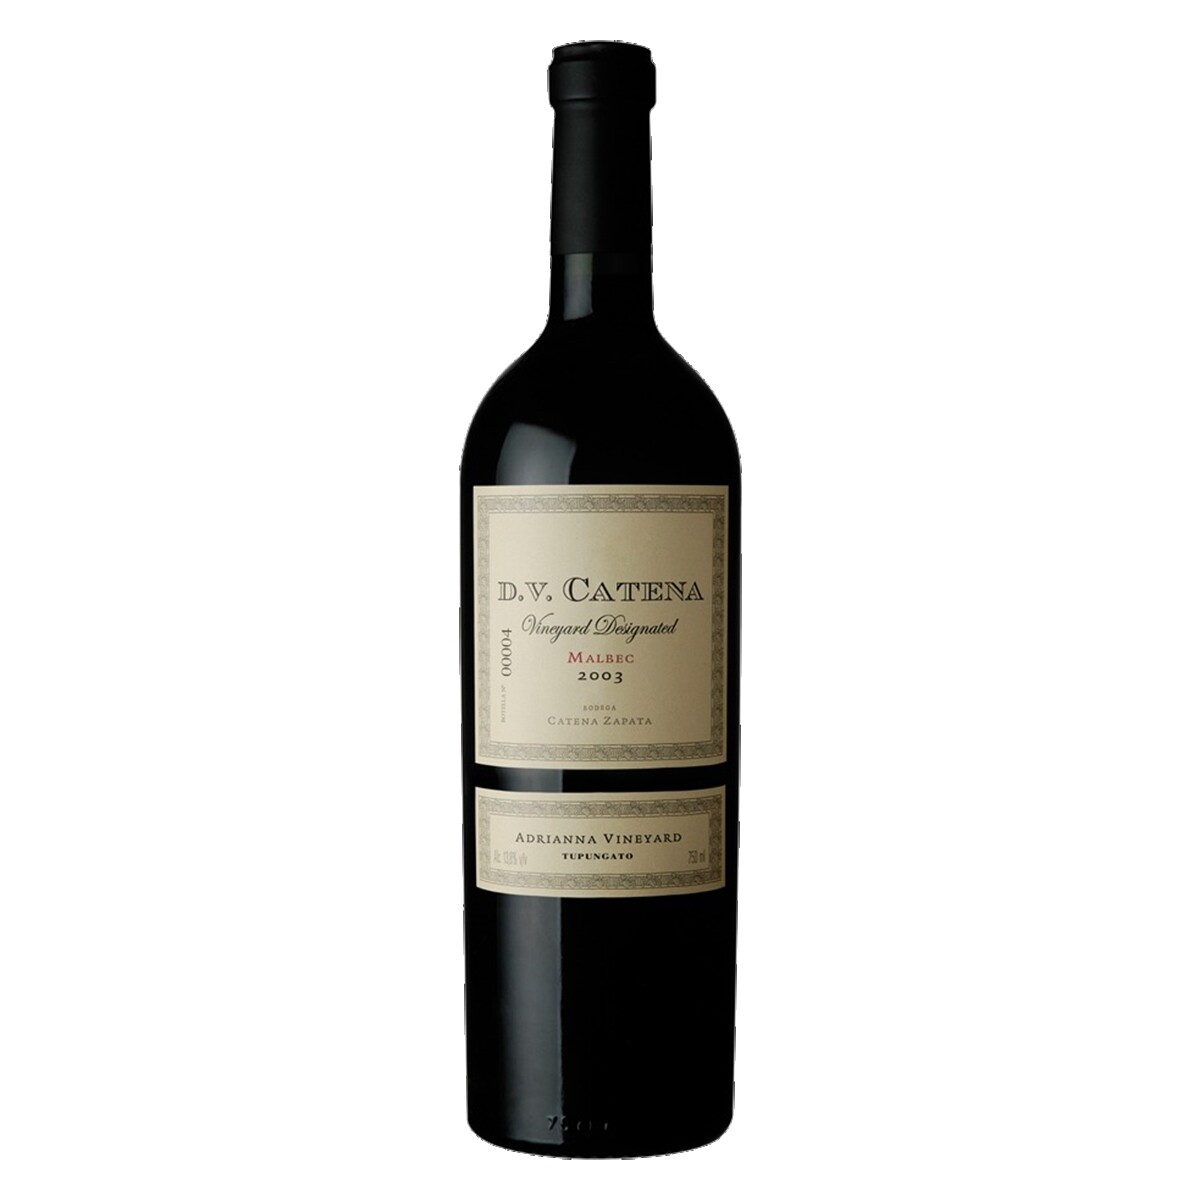 Vino Tinto Dv catena adriana vineyad x750cc